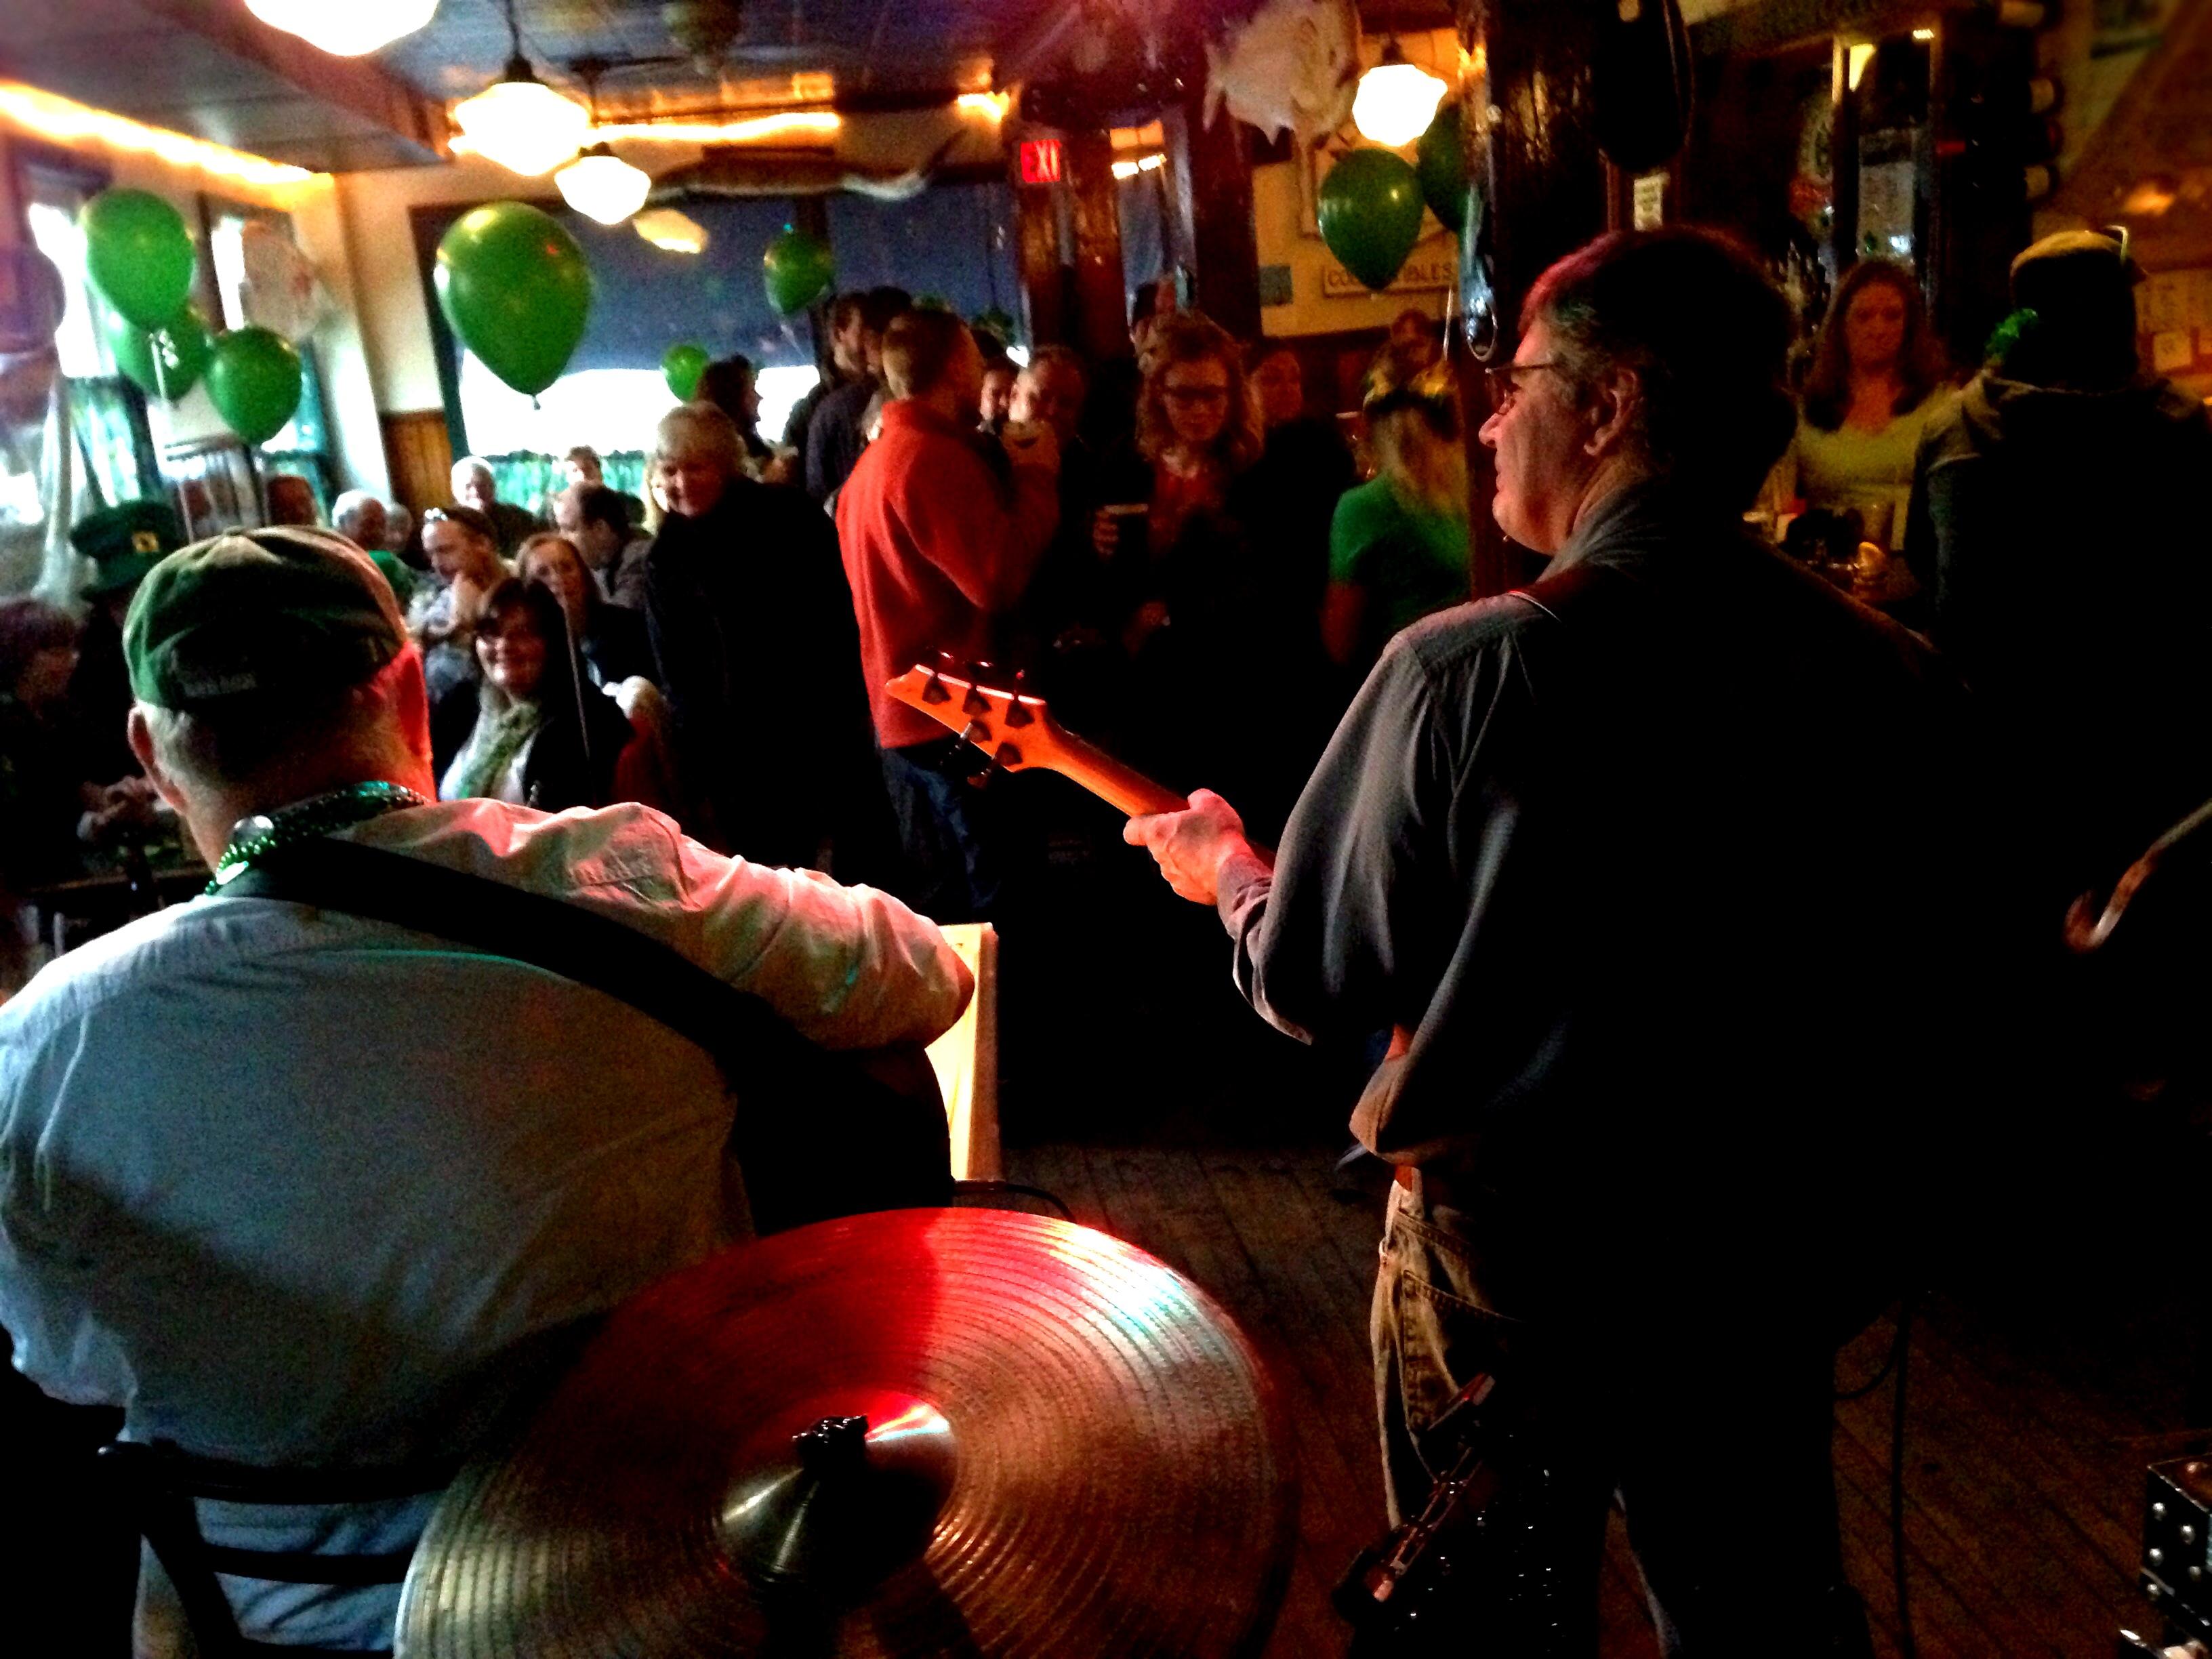 Tom O'Brians Band